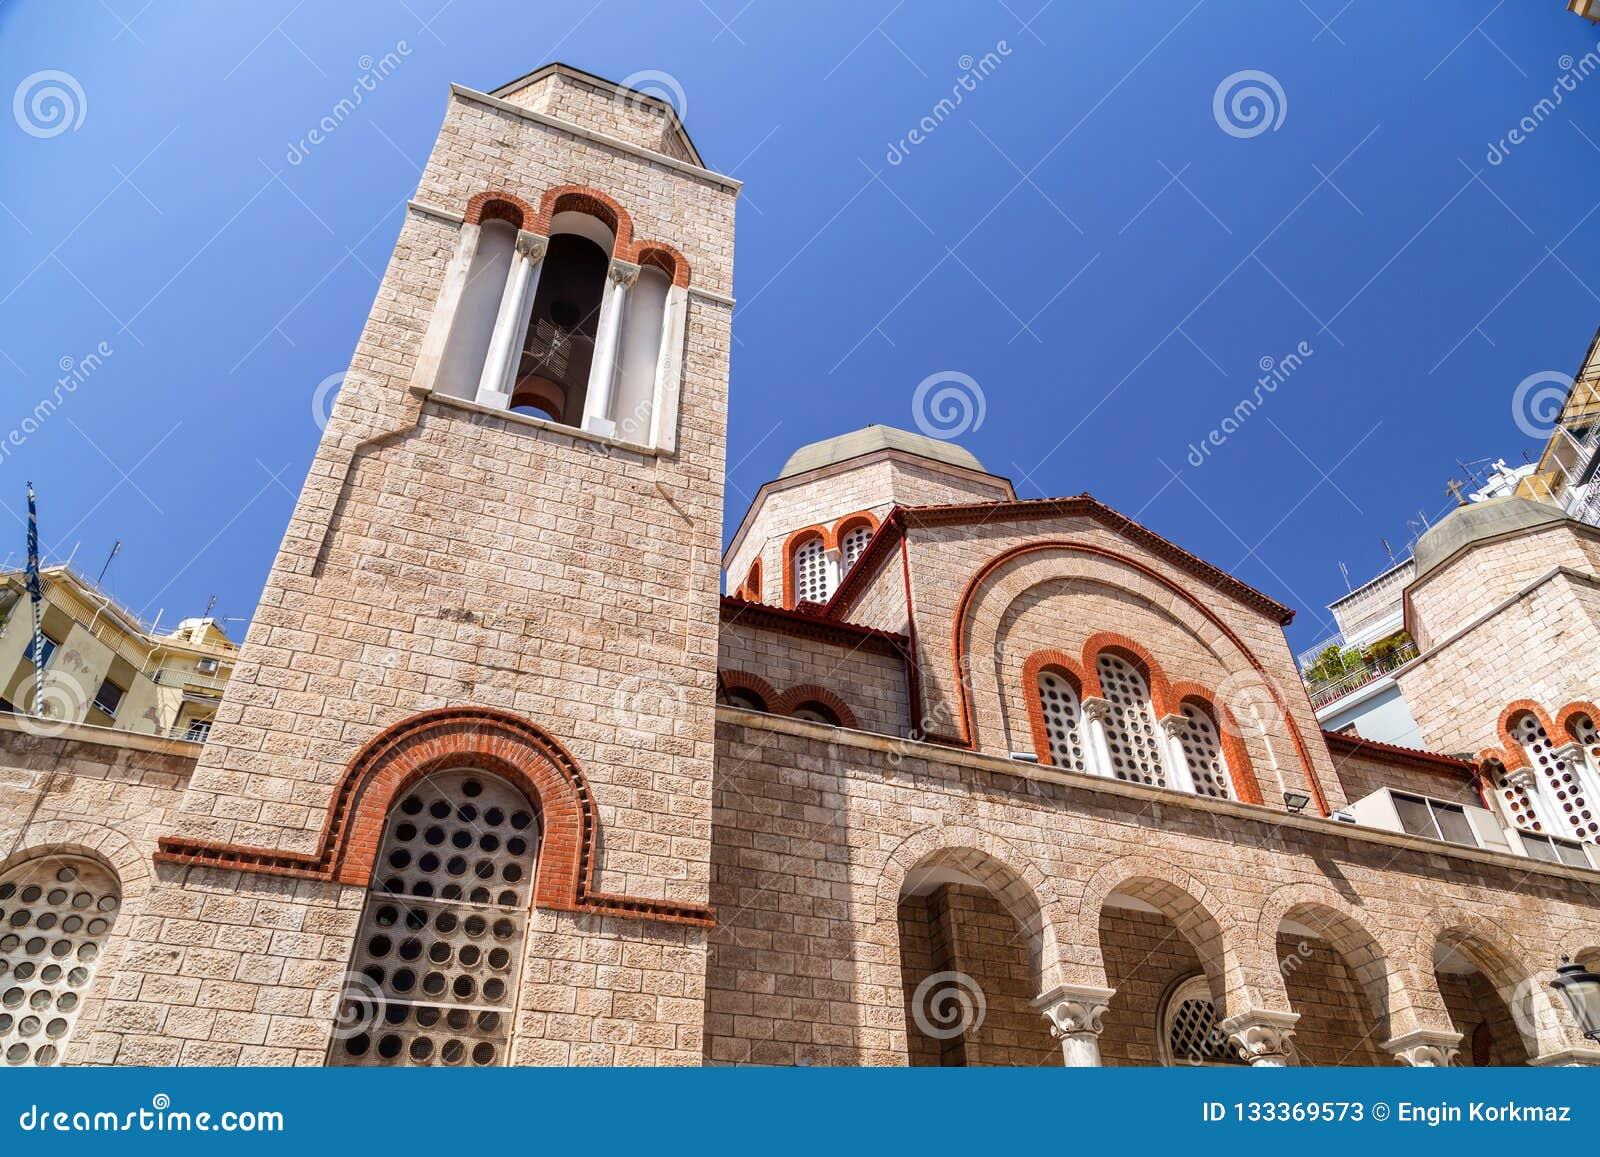 Außenansicht der Kirche NAO Panagia Dexia